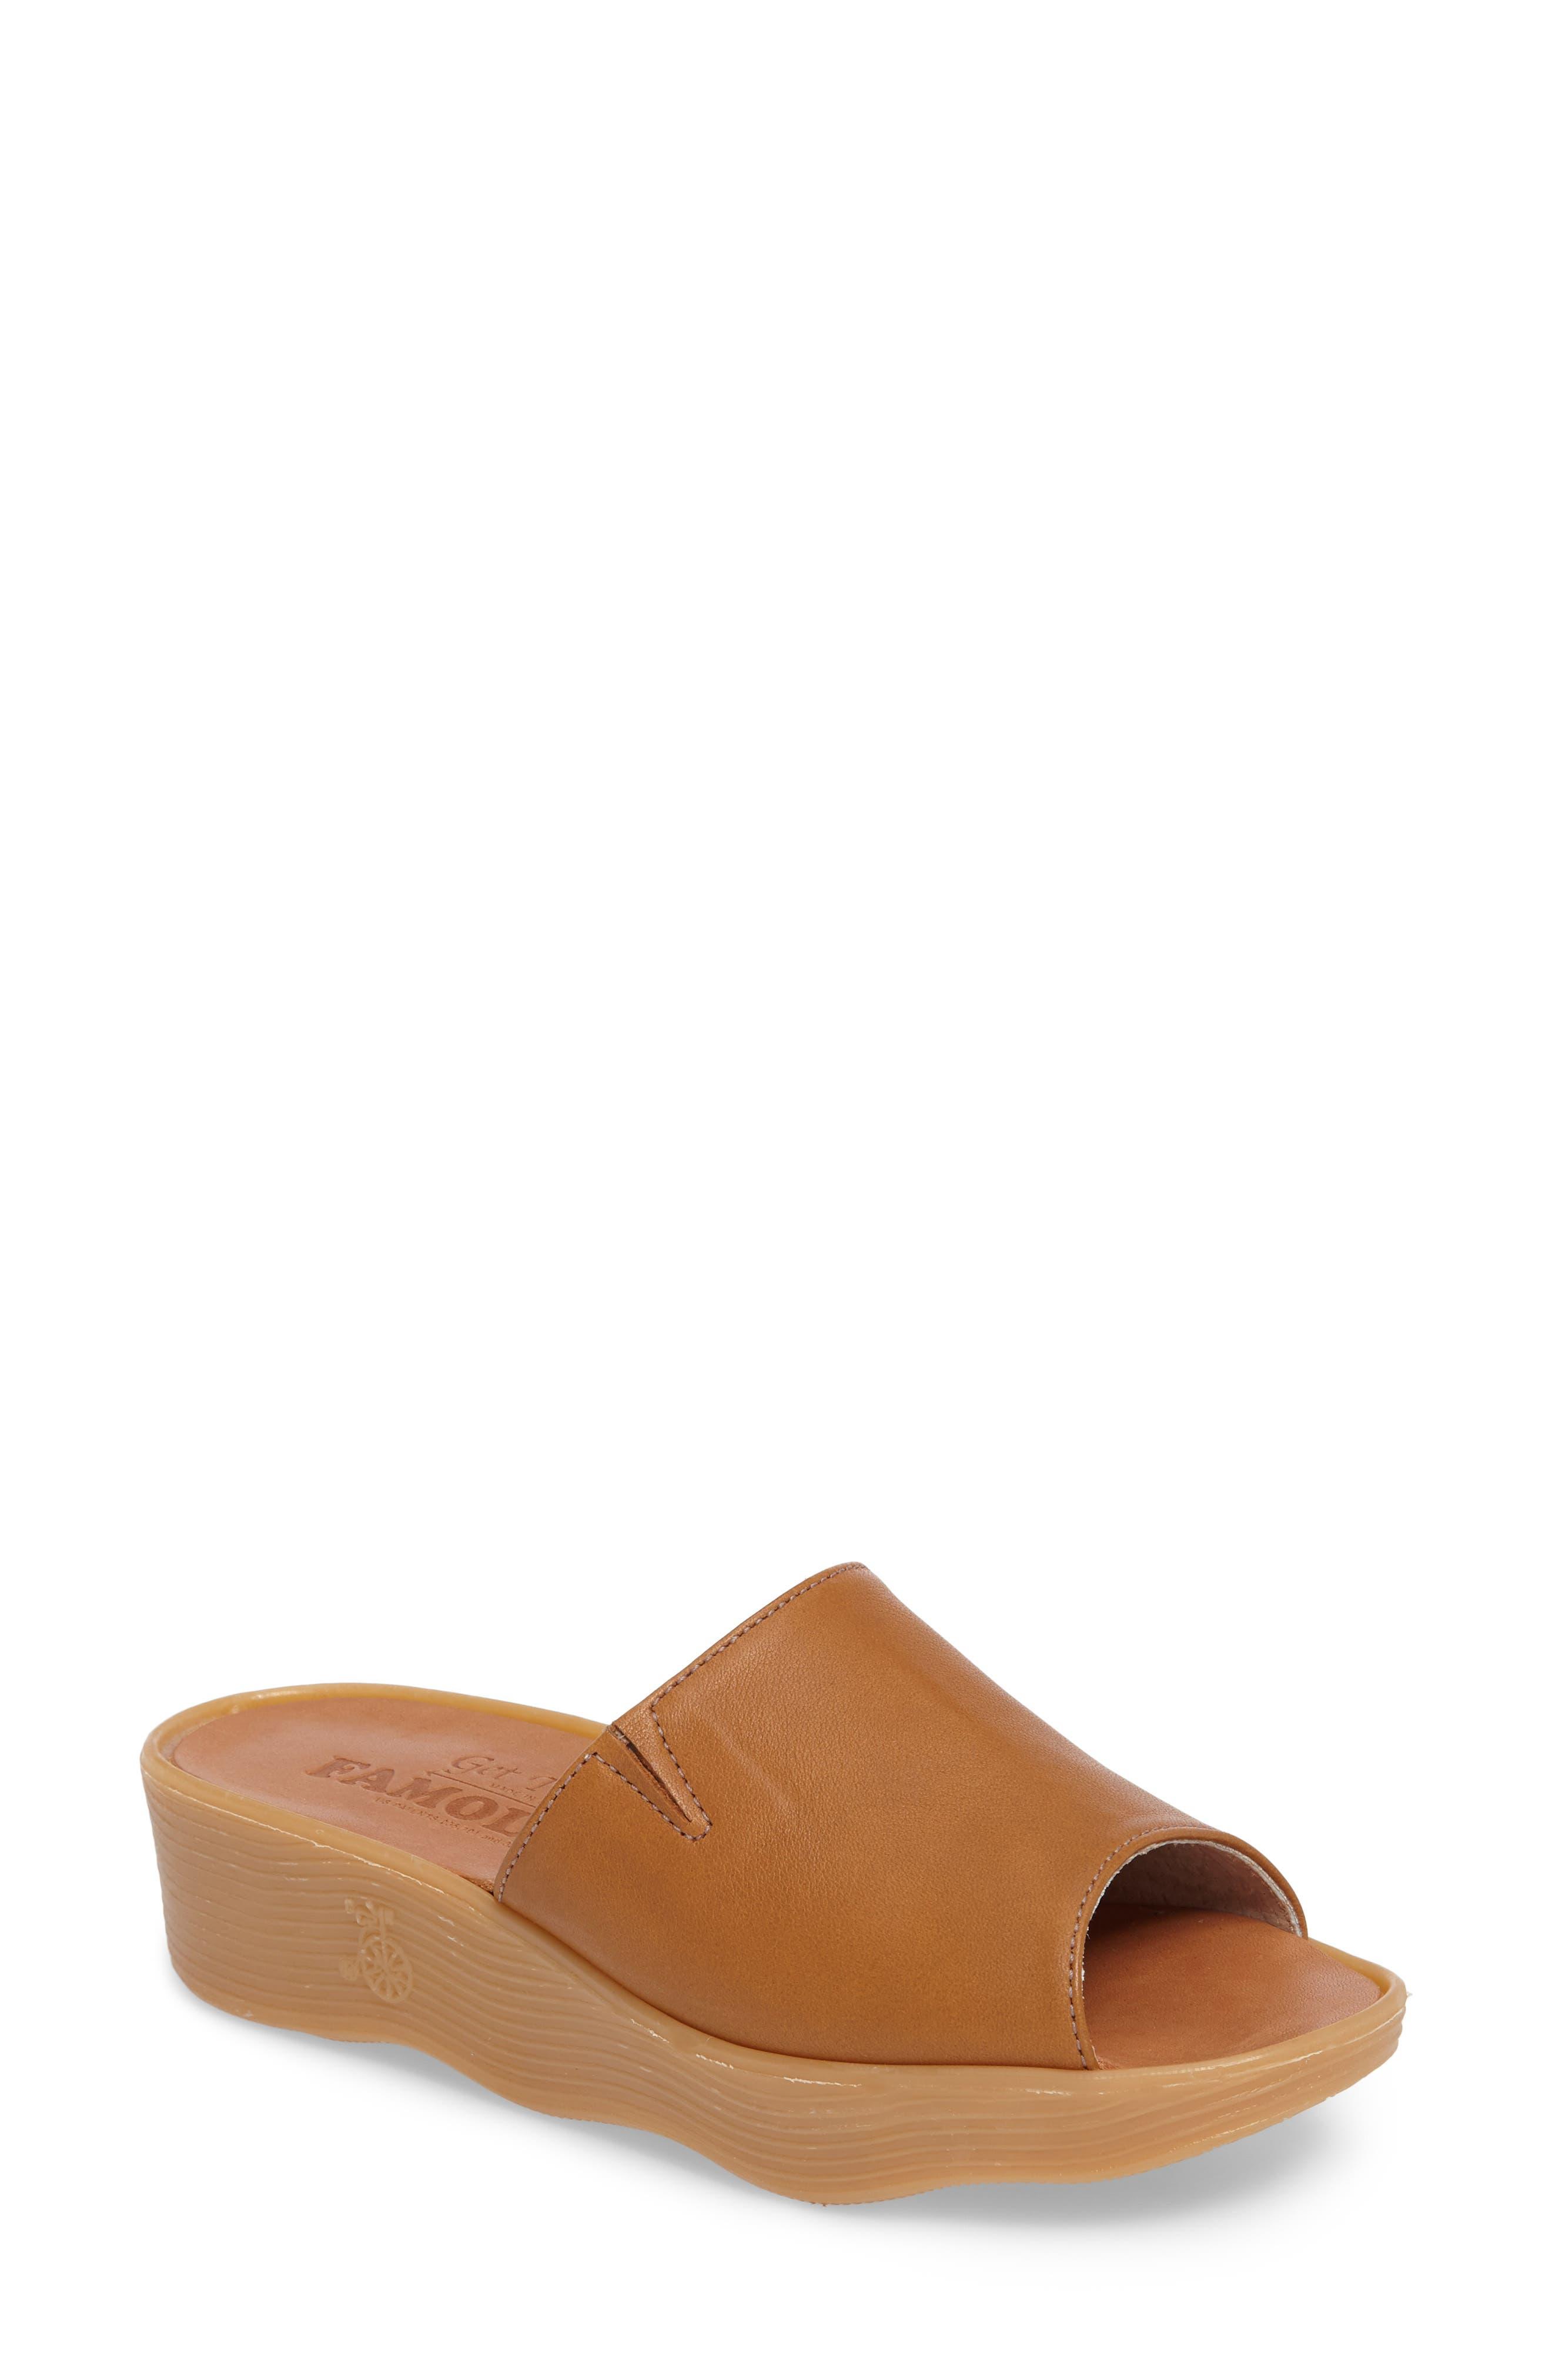 Main Image - Famolare Slide N Sleek Wedge Slide Sandal (Women)